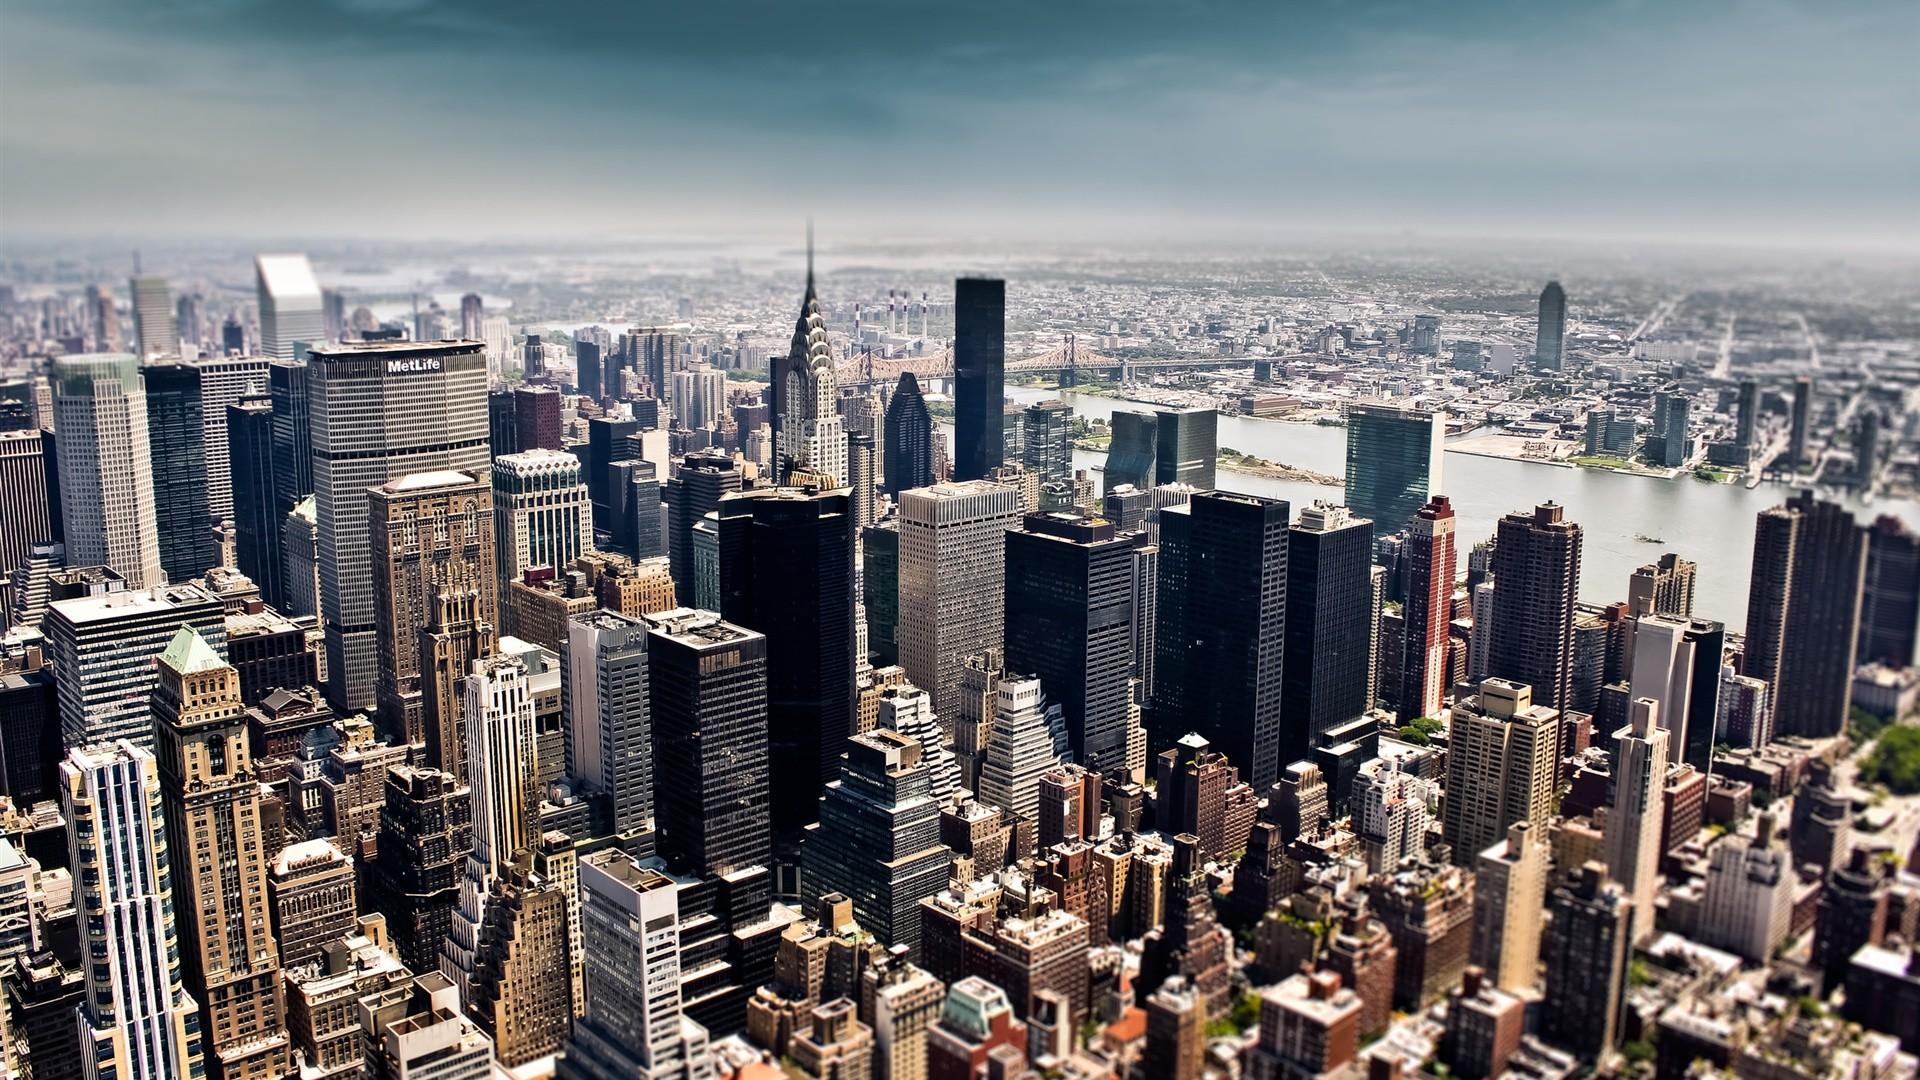 New York City Tilt Shift Photography Wallpapers, HD Wallpaper | HD